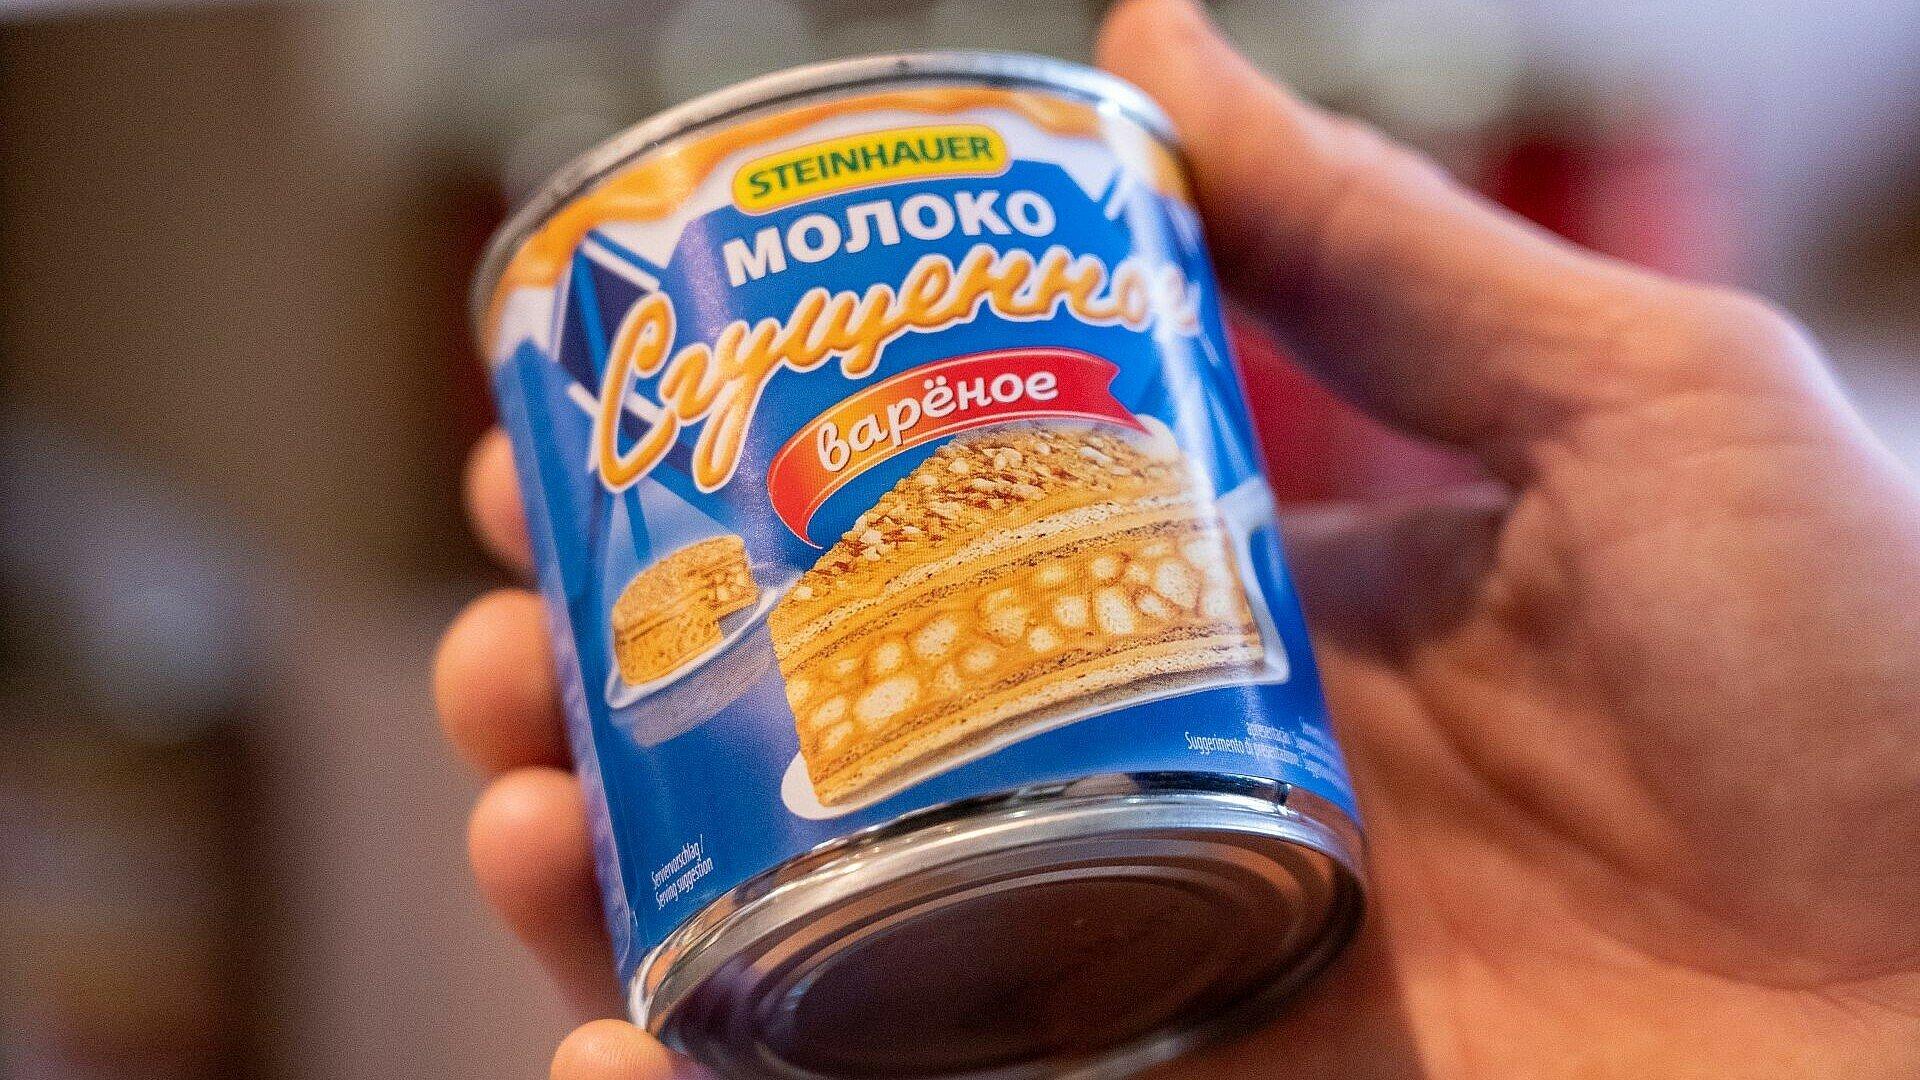 Dose mit gezuckerter Kondensmilch im russischen Supermarkt Zabawa in Buchheim